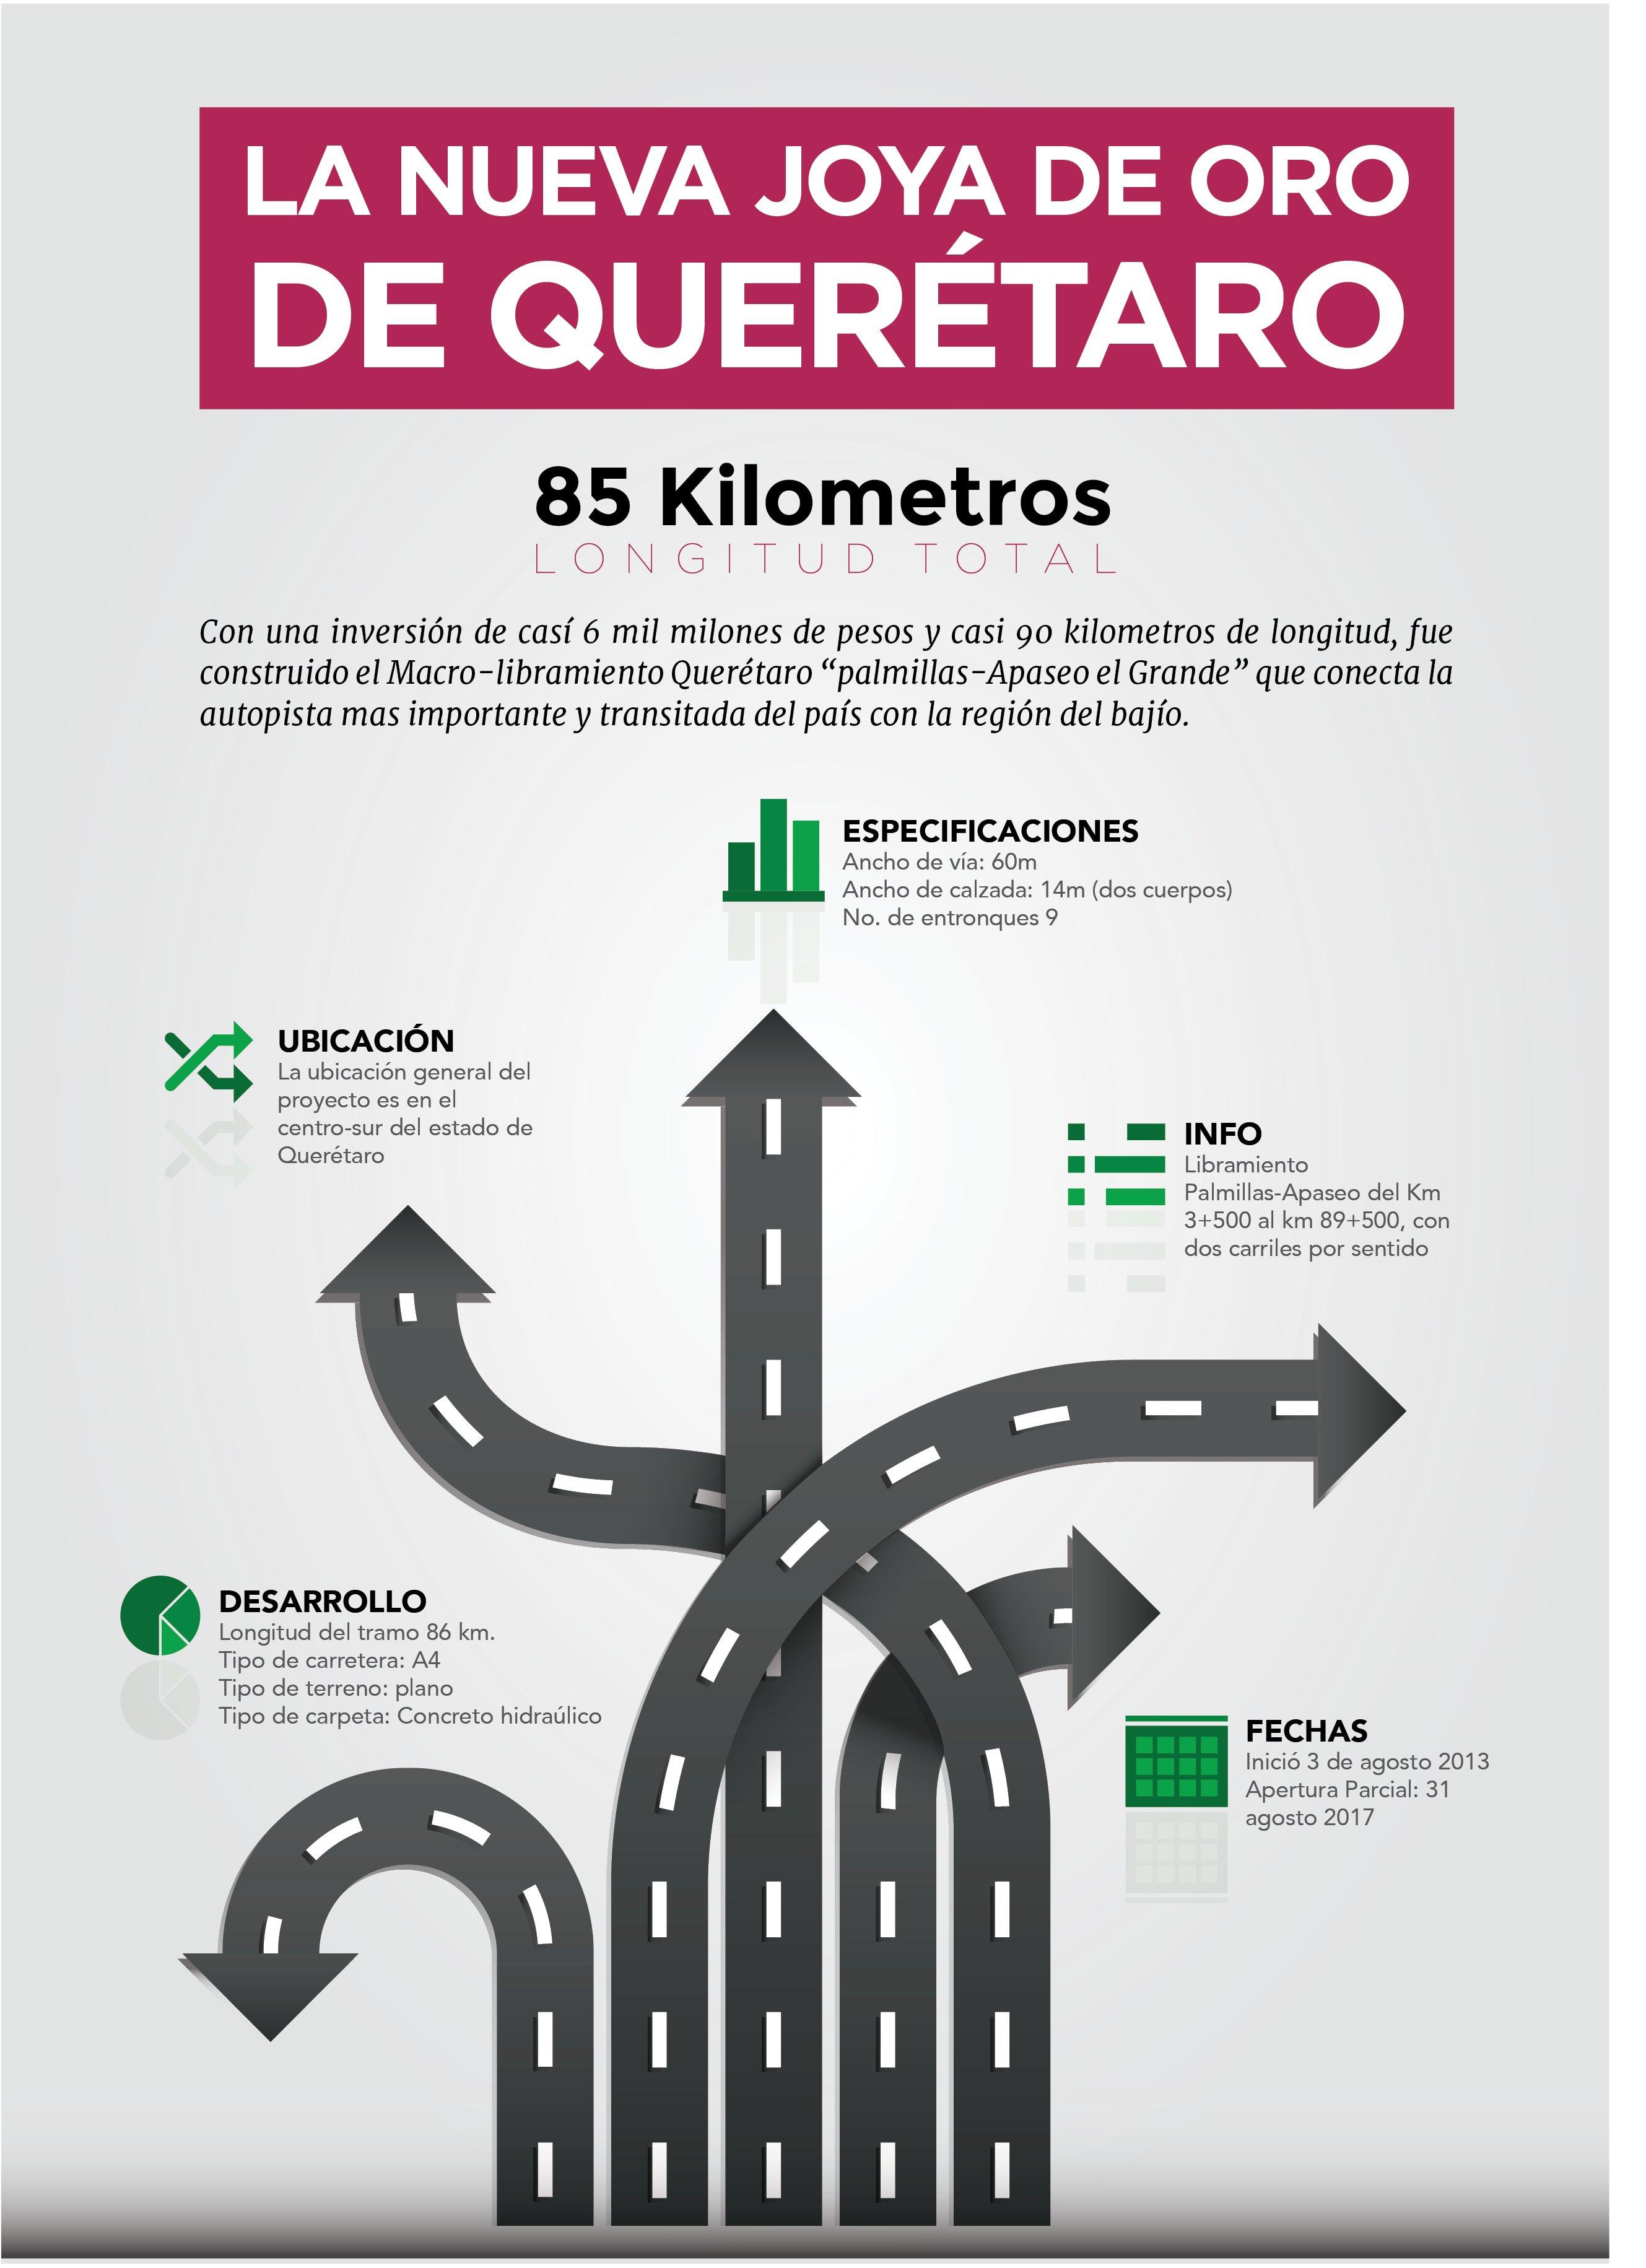 Infografia macrolibramiento queretaro: Palmillas Apaseo el Grande